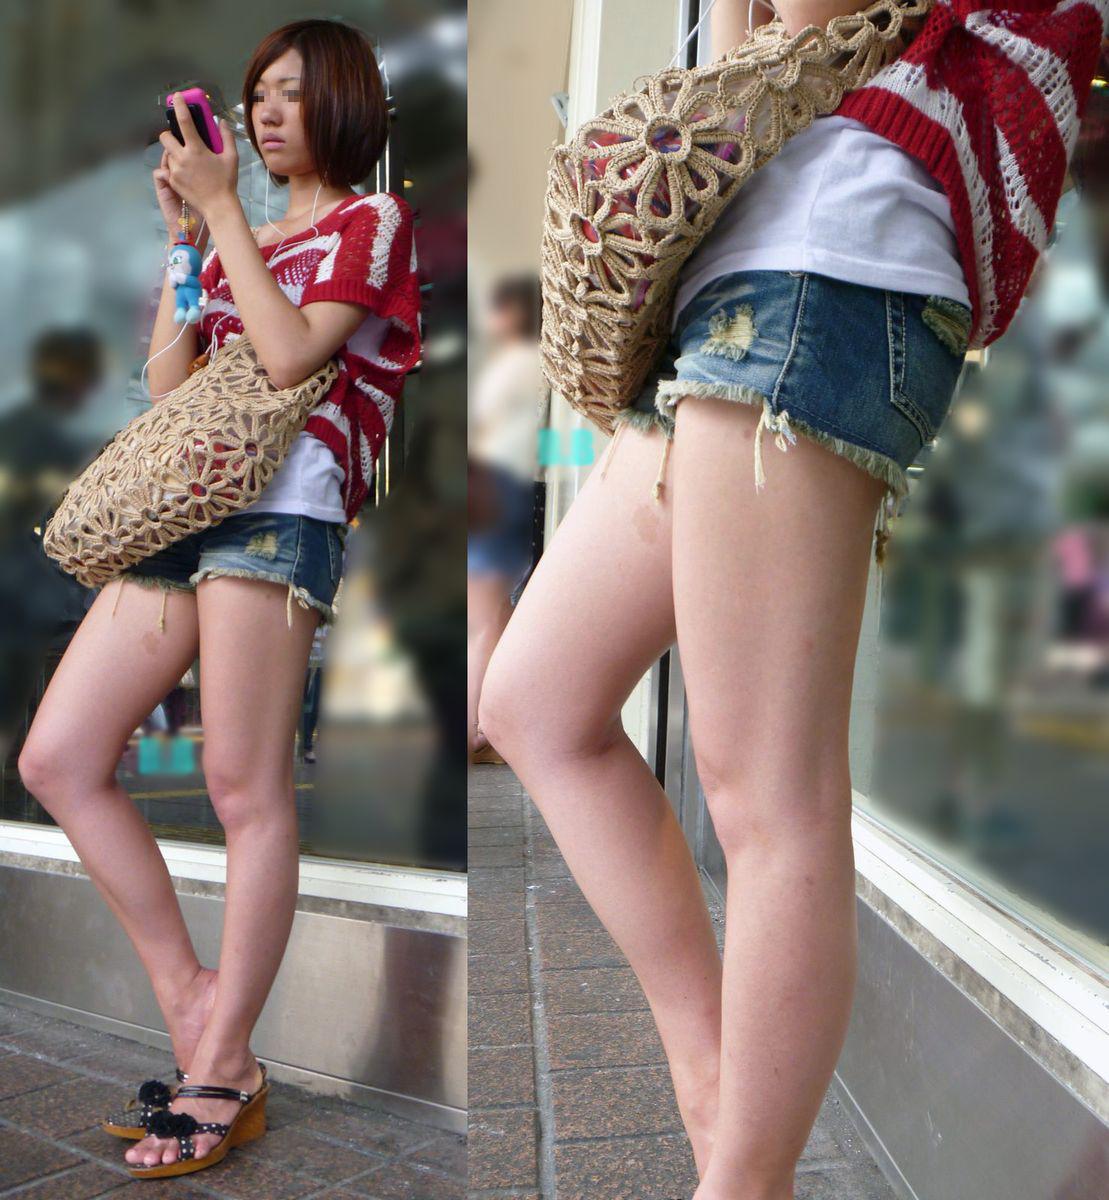 【短パン街撮り画像】美脚とヒップラインが際立つ短パン女性を背後から眺める 01